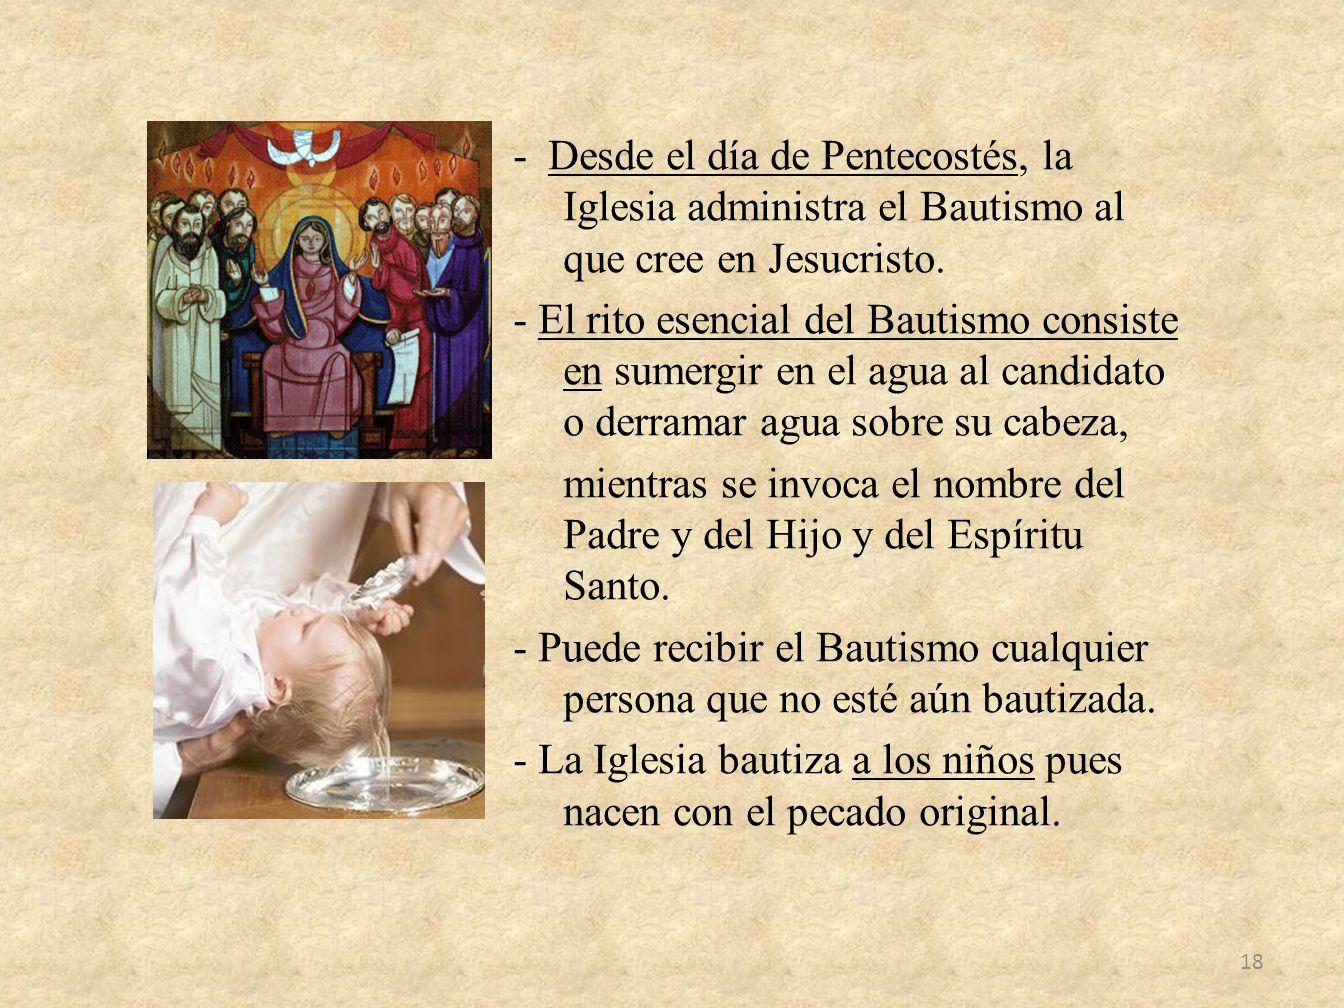 - Desde el día de Pentecostés, la Iglesia administra el Bautismo al que cree en Jesucristo. - El rito esencial del Bautismo consiste en sumergir en el